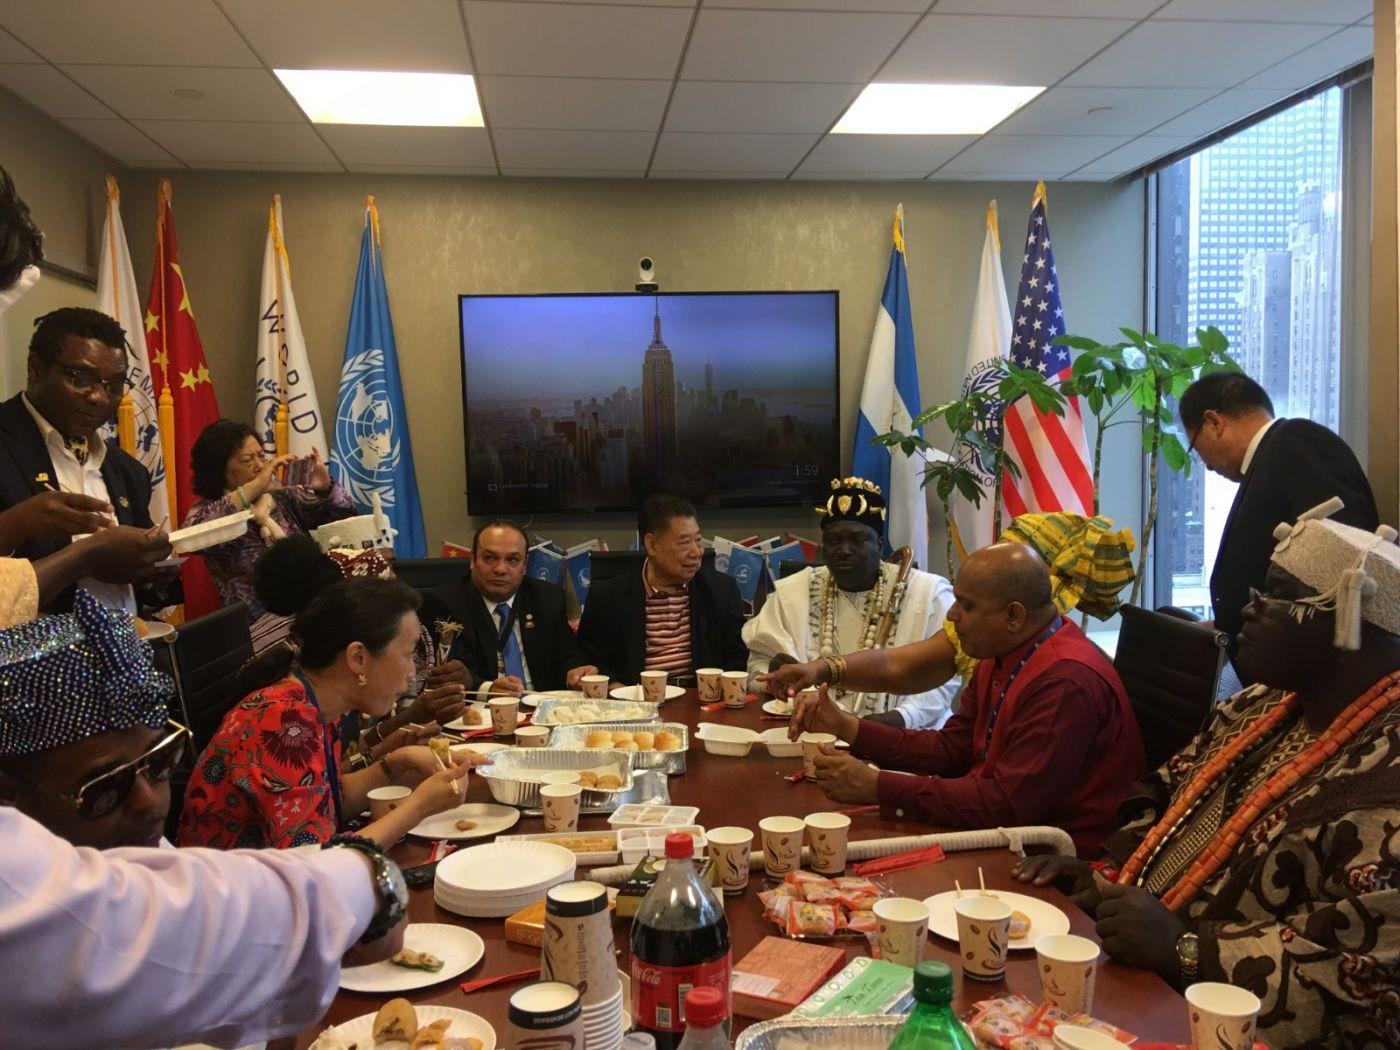 聯合國中華媽祖文化發展基金會受邀参加聯合國納尔遜.曼德拉国际日的一系列活动 ..._图1-12